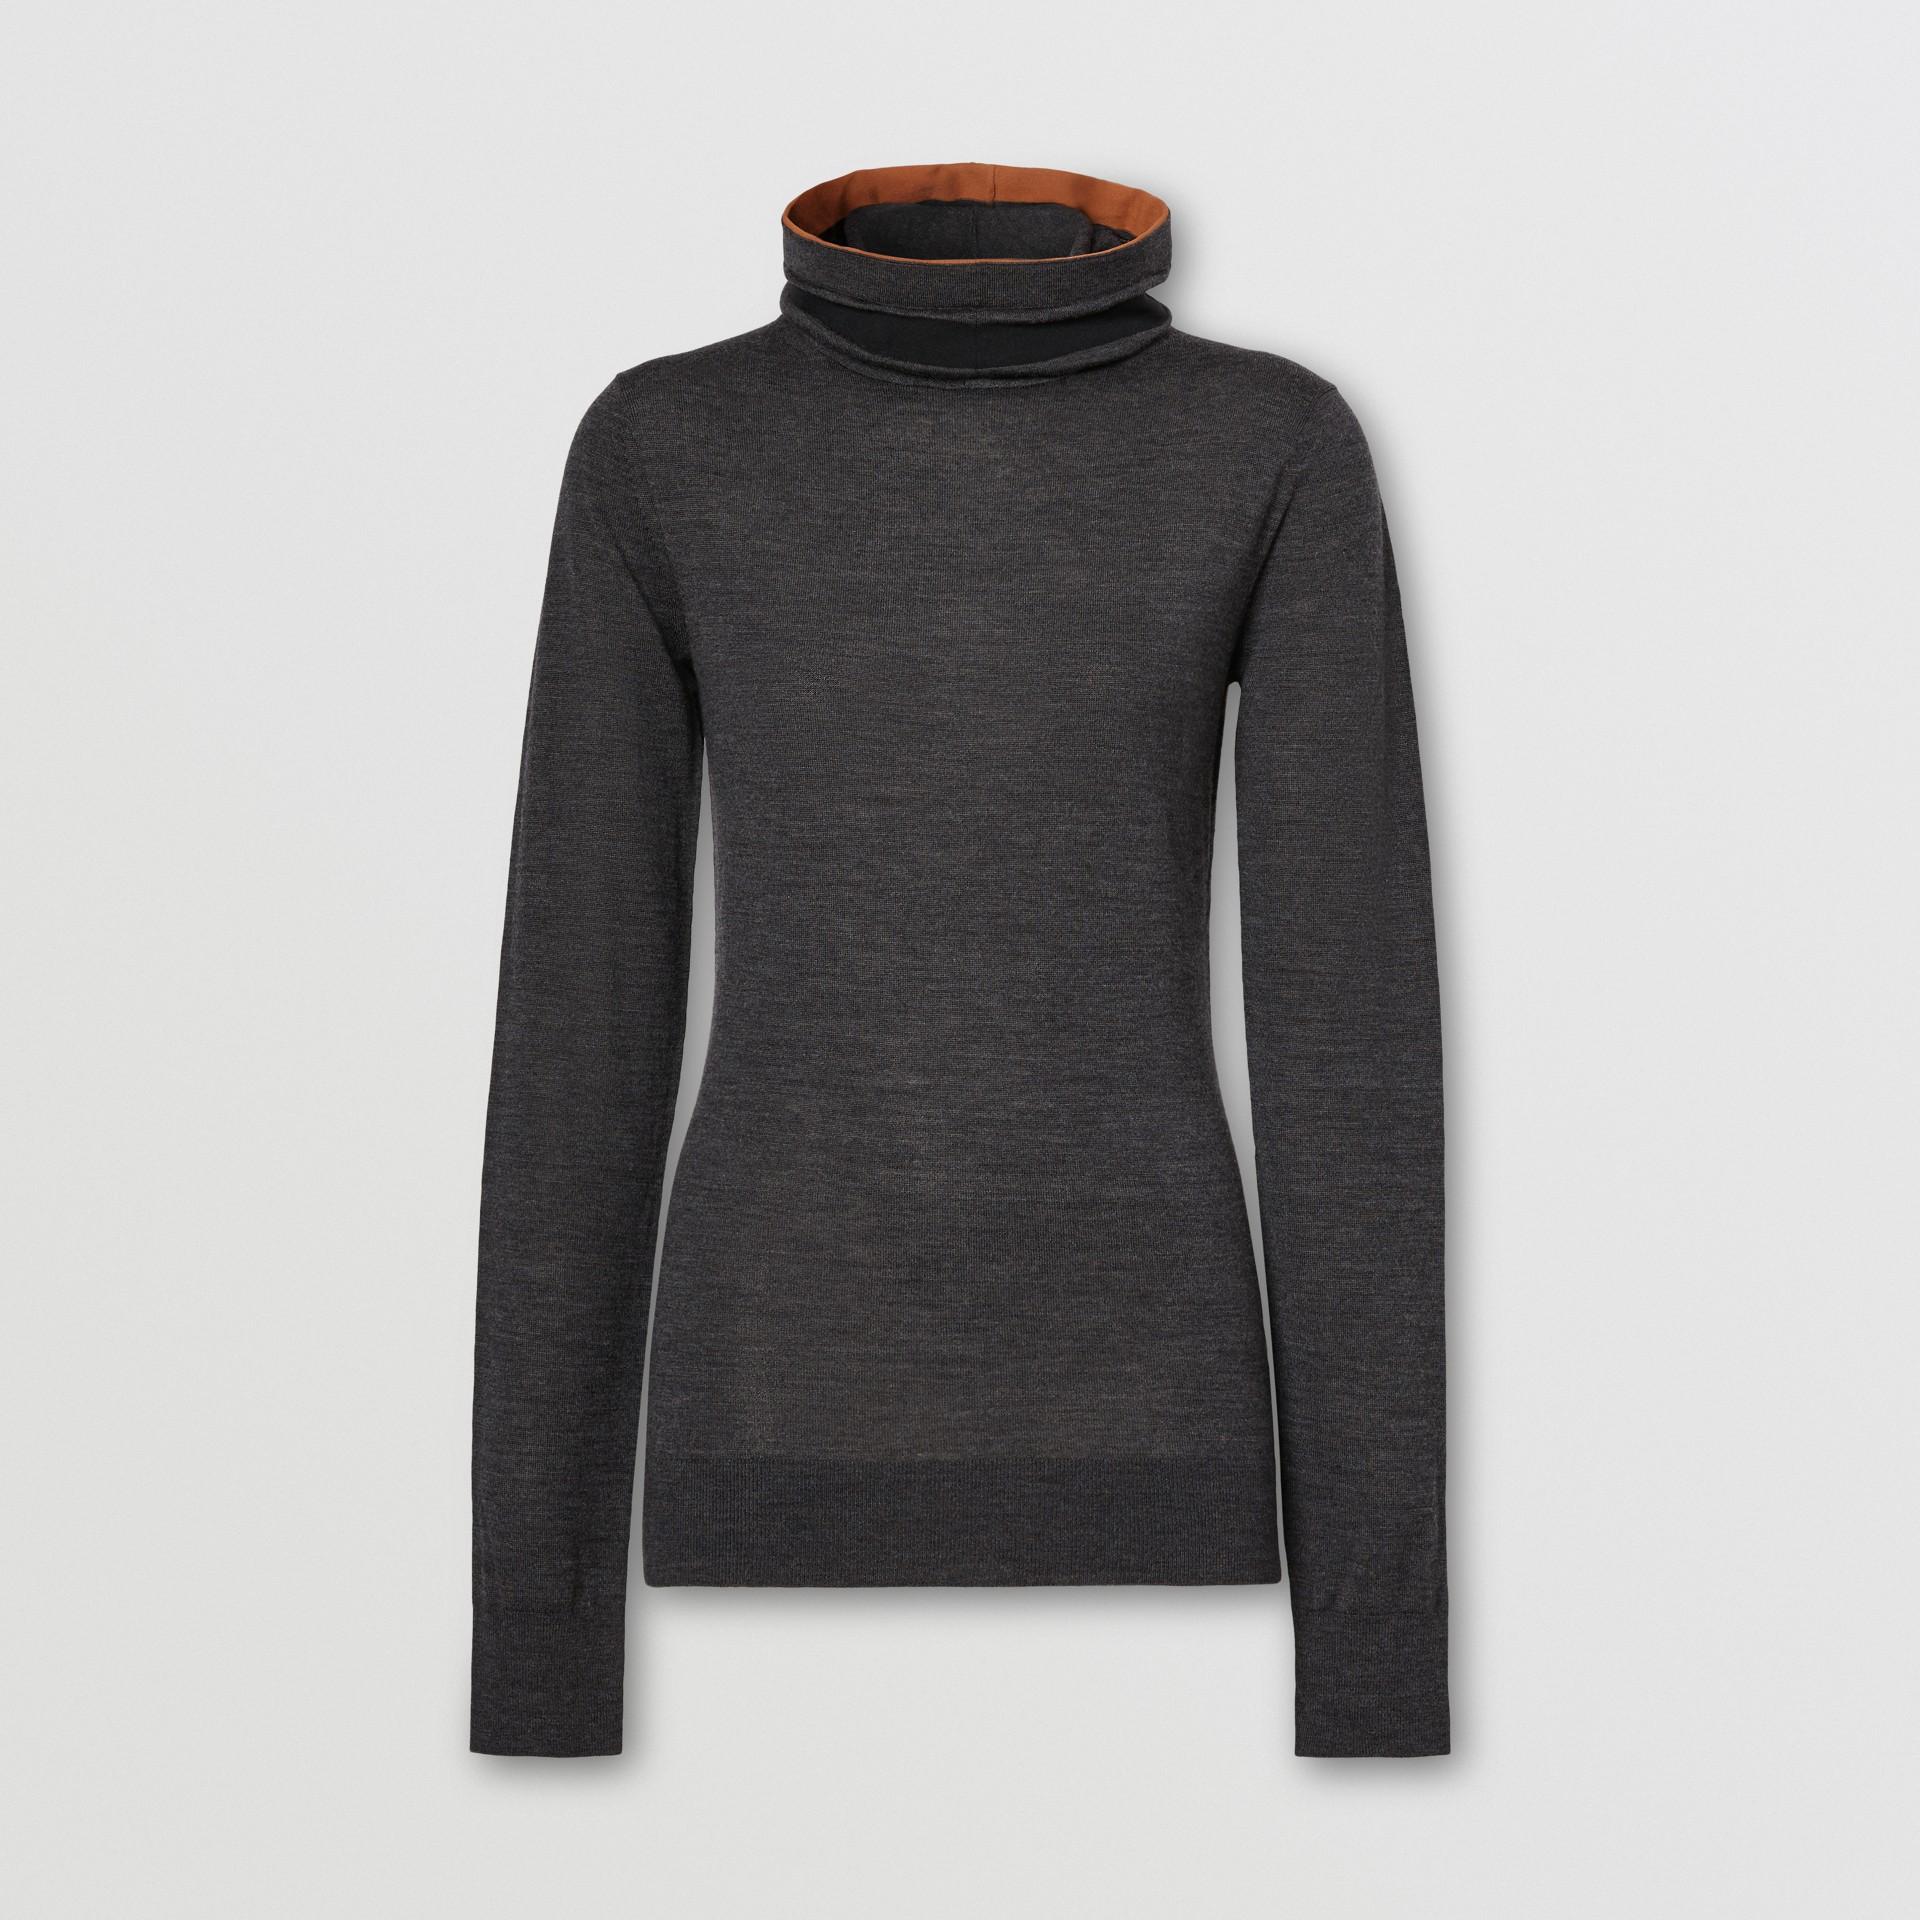 Stripe Detail Merino Wool Hooded Top in Dark Grey Melange - Women | Burberry - gallery image 3